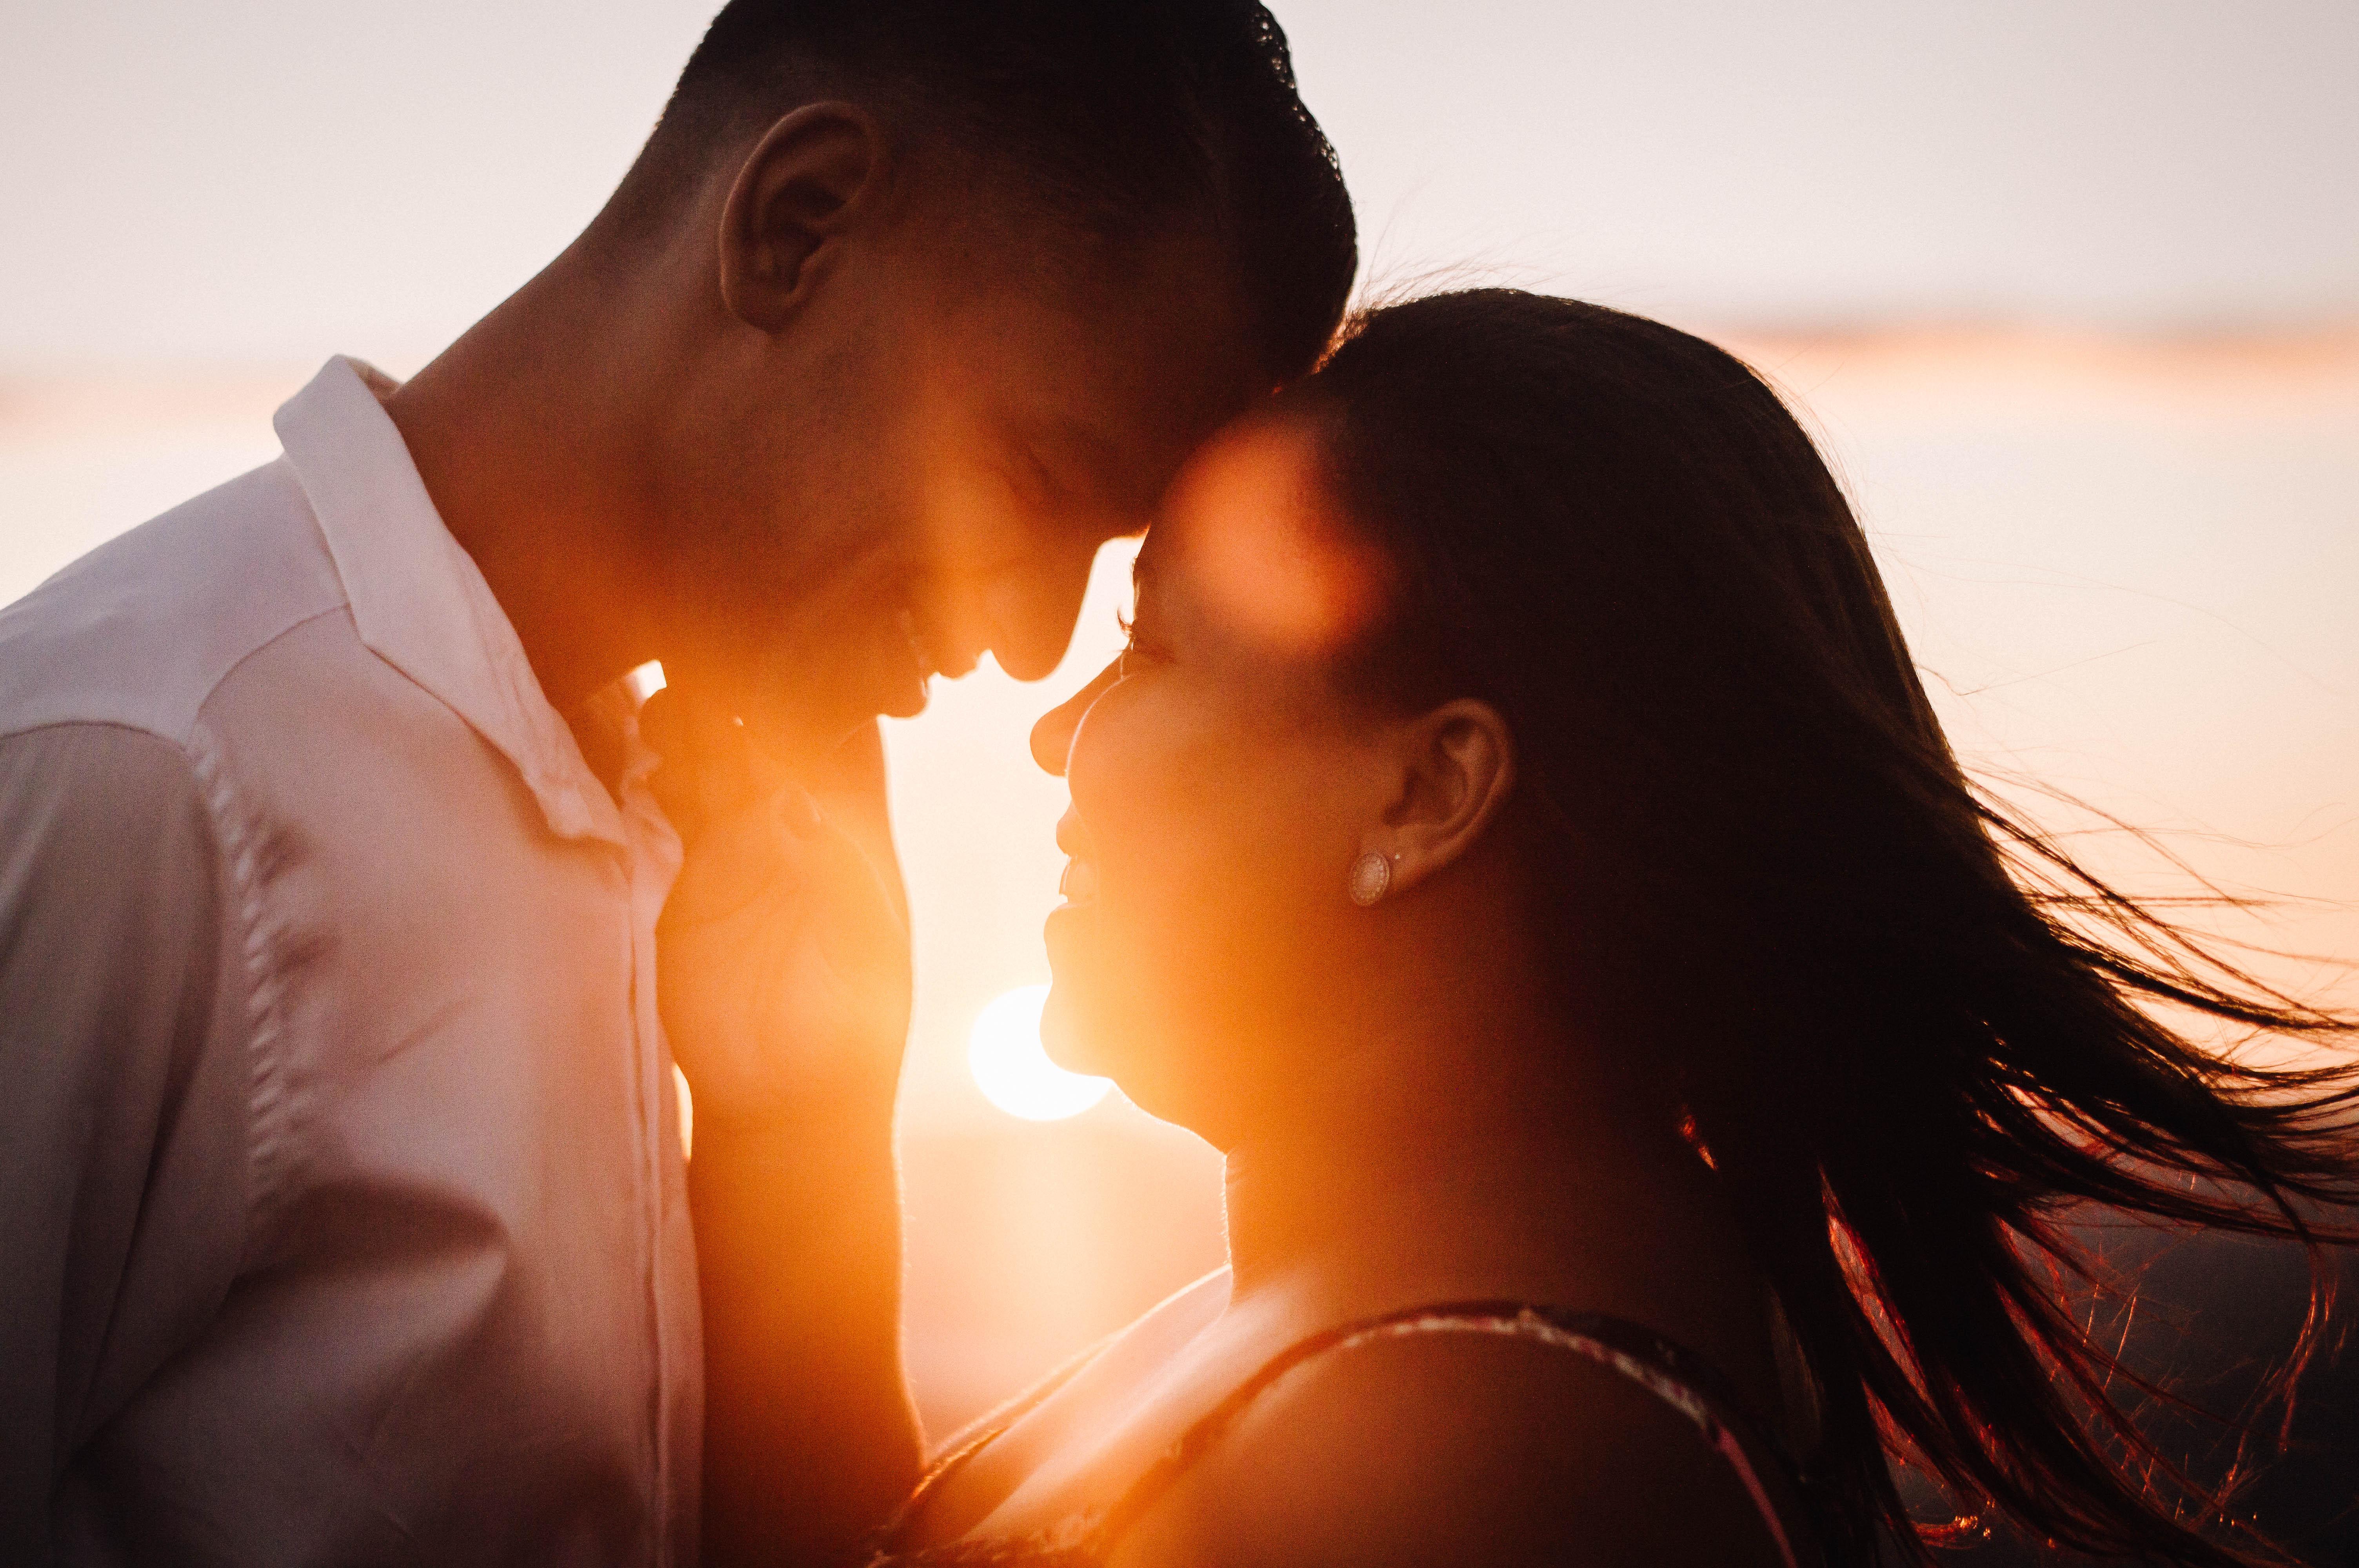 Sobre Fotógrafo documental de Casamento, Ensaios e Famílias em São Paulo - SP